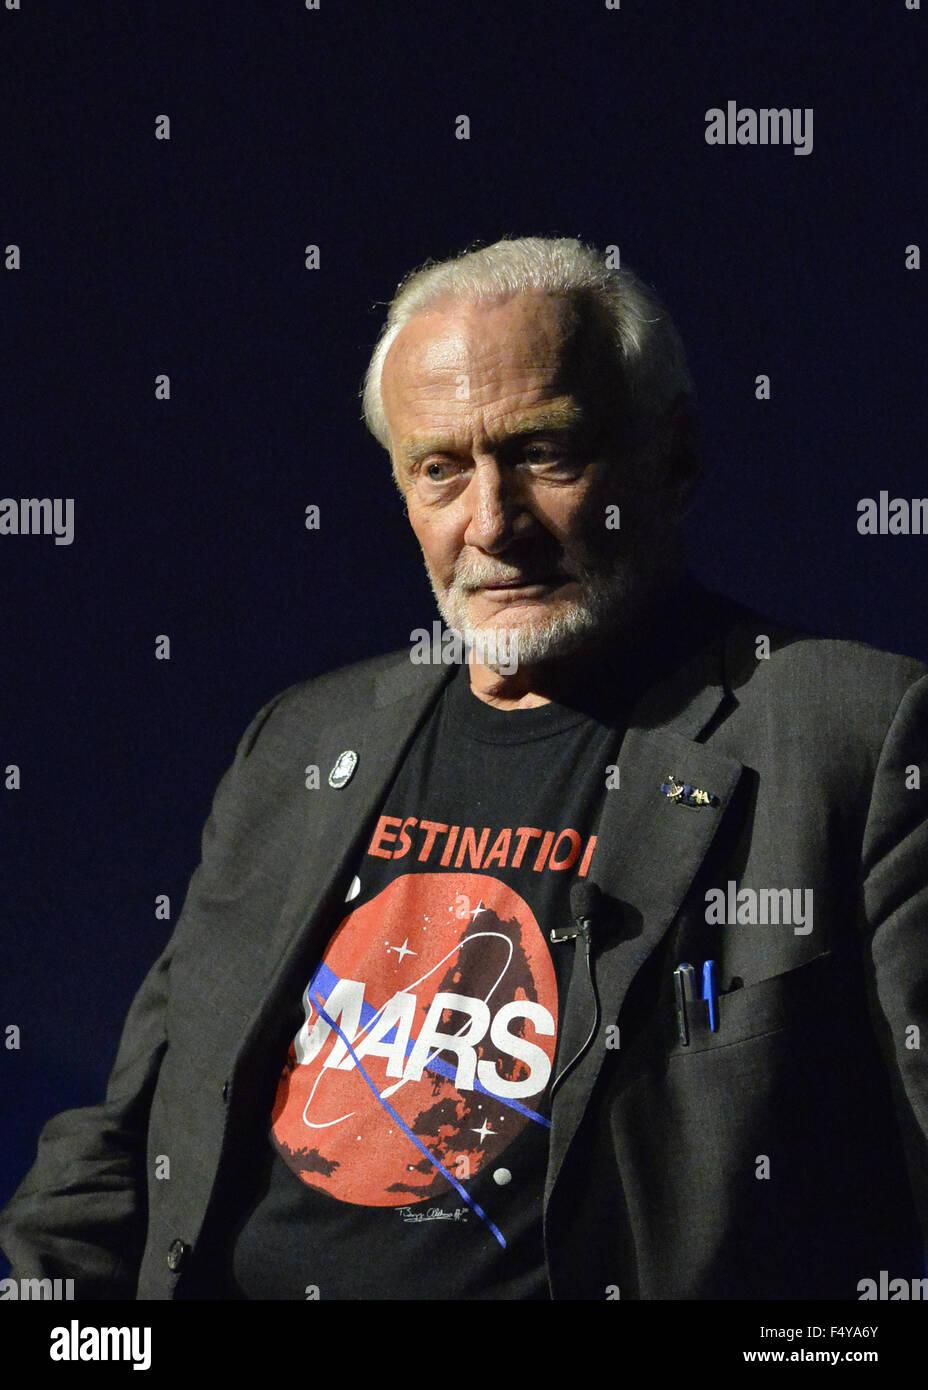 Garden City, New York, USA. 23rd Oct, 2015. Former NASA astronaut Edwin BUZZ ALDRIN has a serious expression during - Stock Image